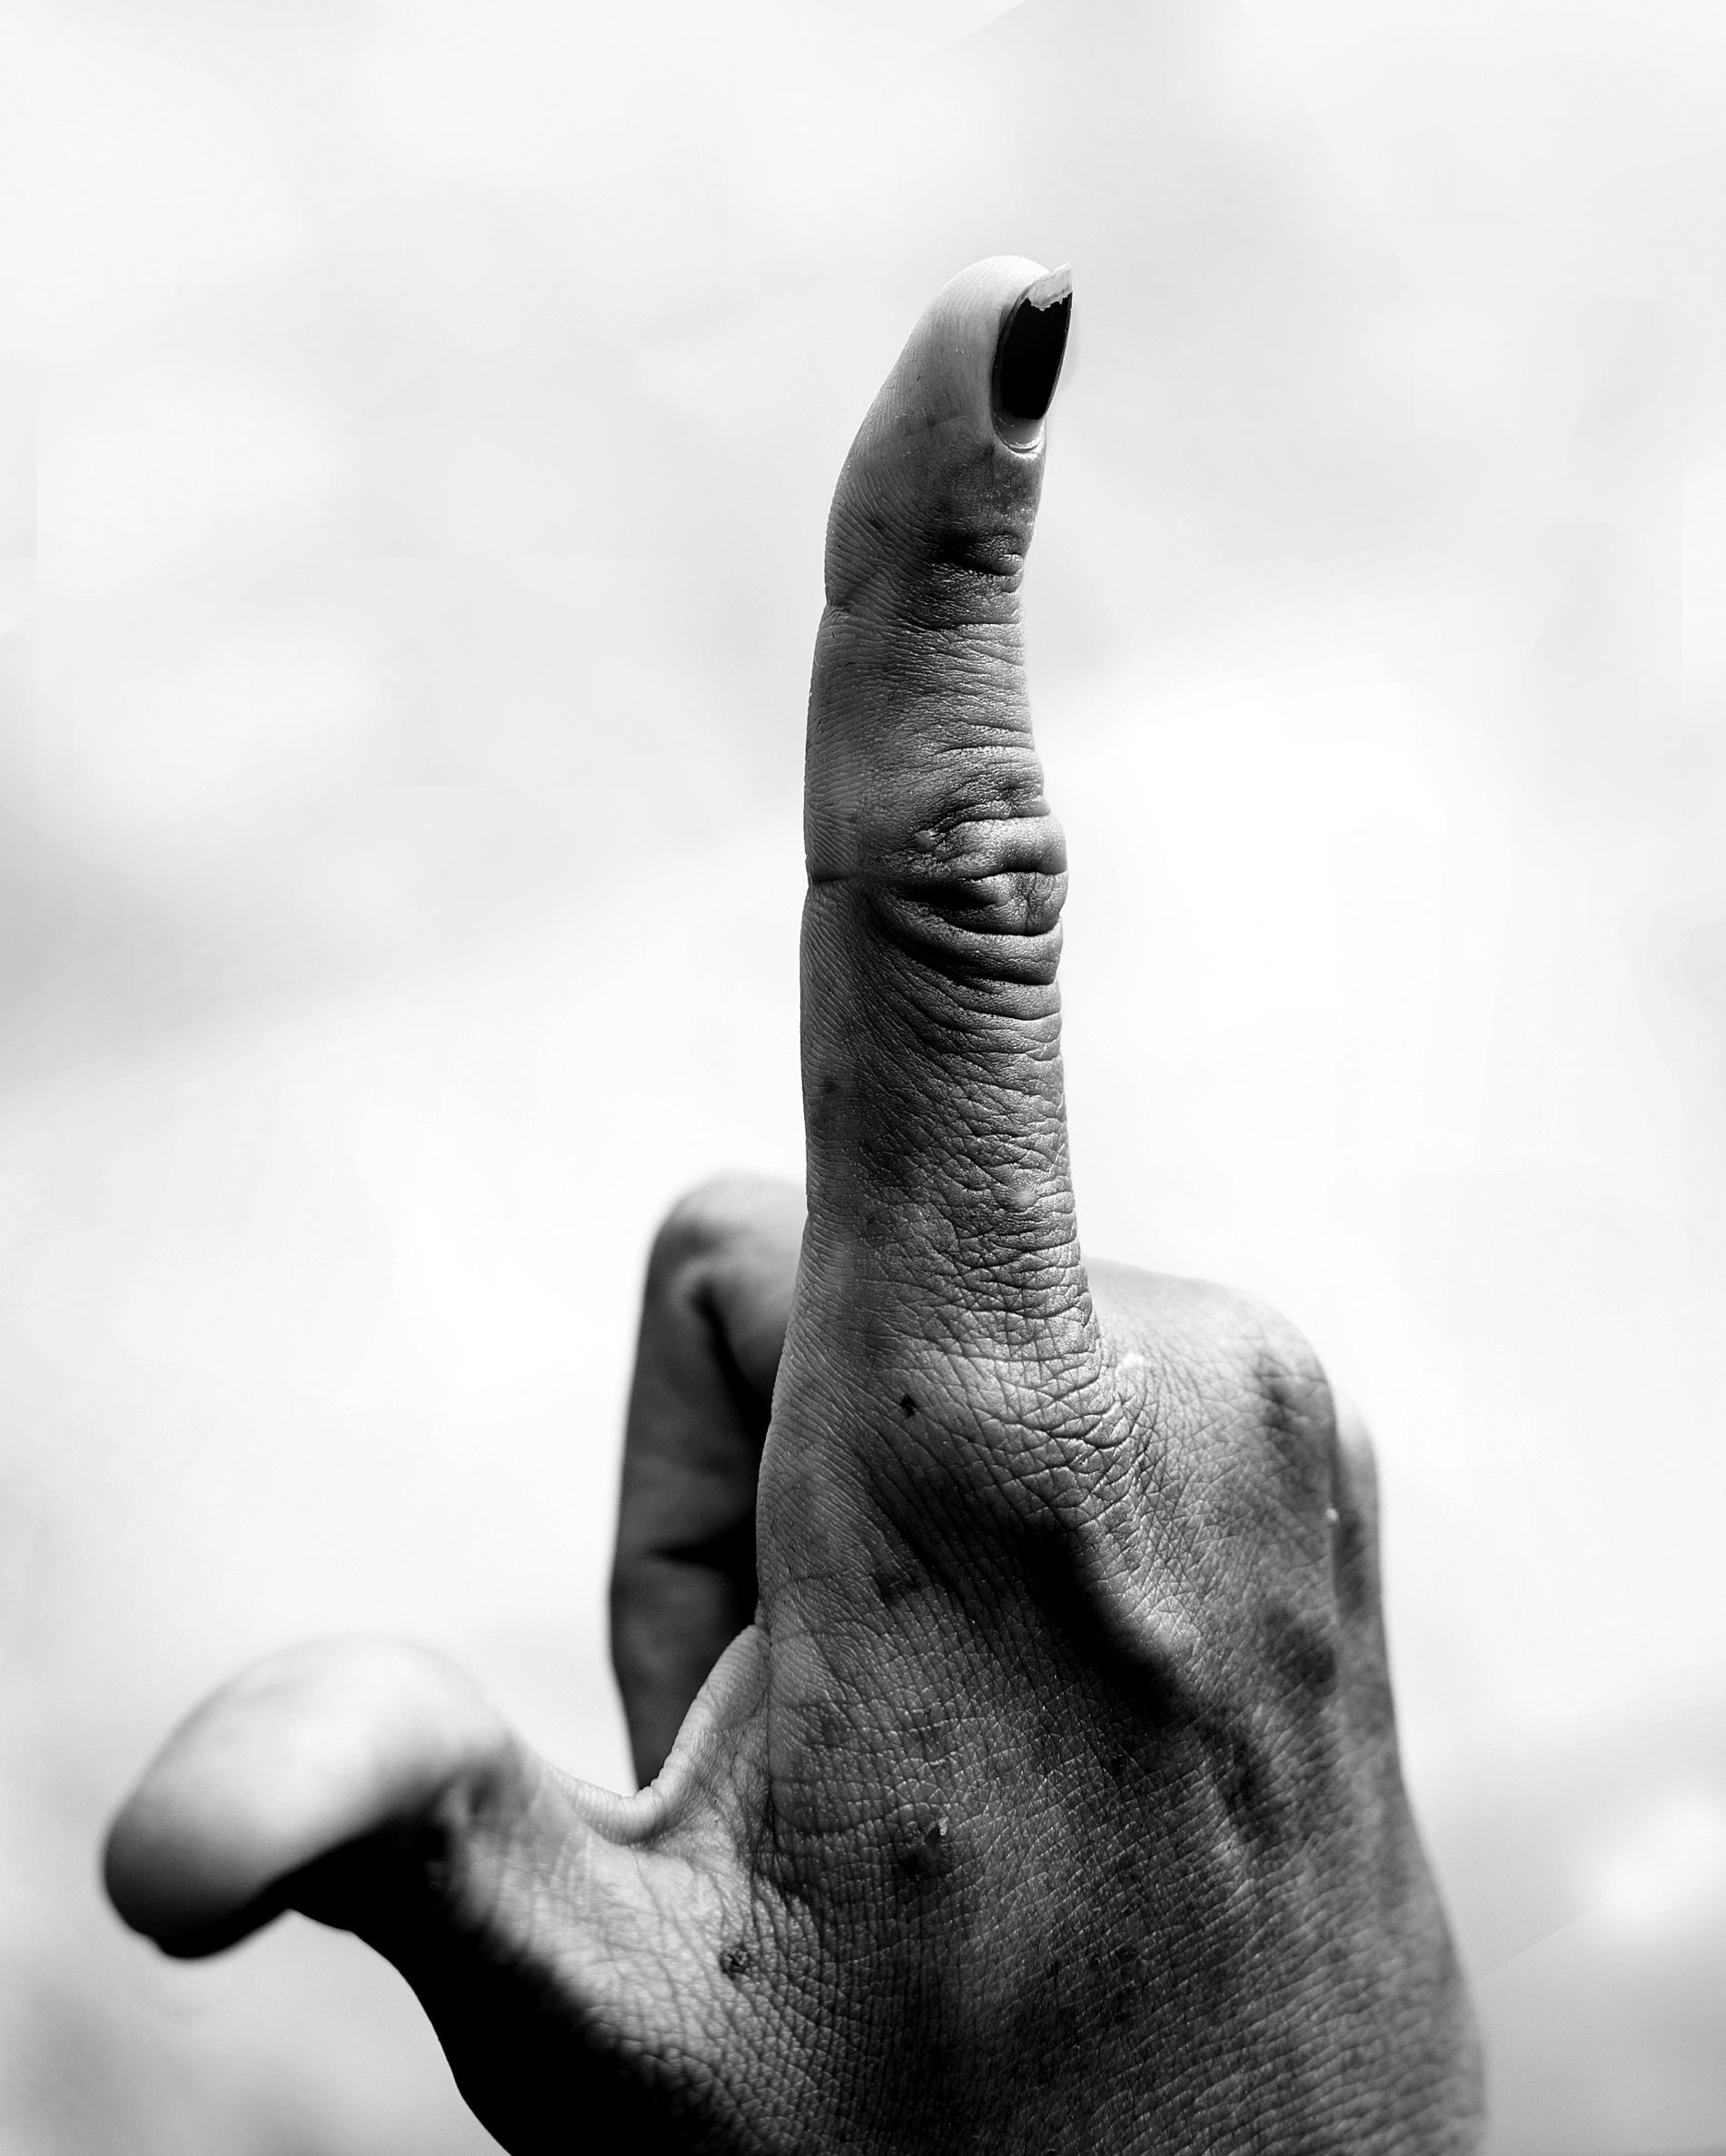 Anonym - Miljöaktivist, 29 år.JAG PUBLICERADE en bild av mitt finger på Facebook för att visa att det är min rätt att inte rösta när regeringen inte uppfyller mina kriterier för demokrati. Jag tror att jag undvek arrestering på grund av att jag valde mina ord noggrant.EN VÄN SOM gjorde samma sak men som i sitt inlägg uppmanade folk att inte rösta, tvingades att skriva ett ursäktsbrev till CPP, för att undvika allvarligare konsekvenser. Jag har själv blivit arresterad en gång när jag deltog i en protest och jag får ständigt hot från fejk-konton på Facebook när jag yttrar mina åsikter. Nu när pressen har begränsats, journalister har flytt landet och alla tv-kanaler bara visar glada nyheter, är sociala medier det enda stället där vi kan uttrycka oss. Det är därför det har spelat en stor roll under det här valet.